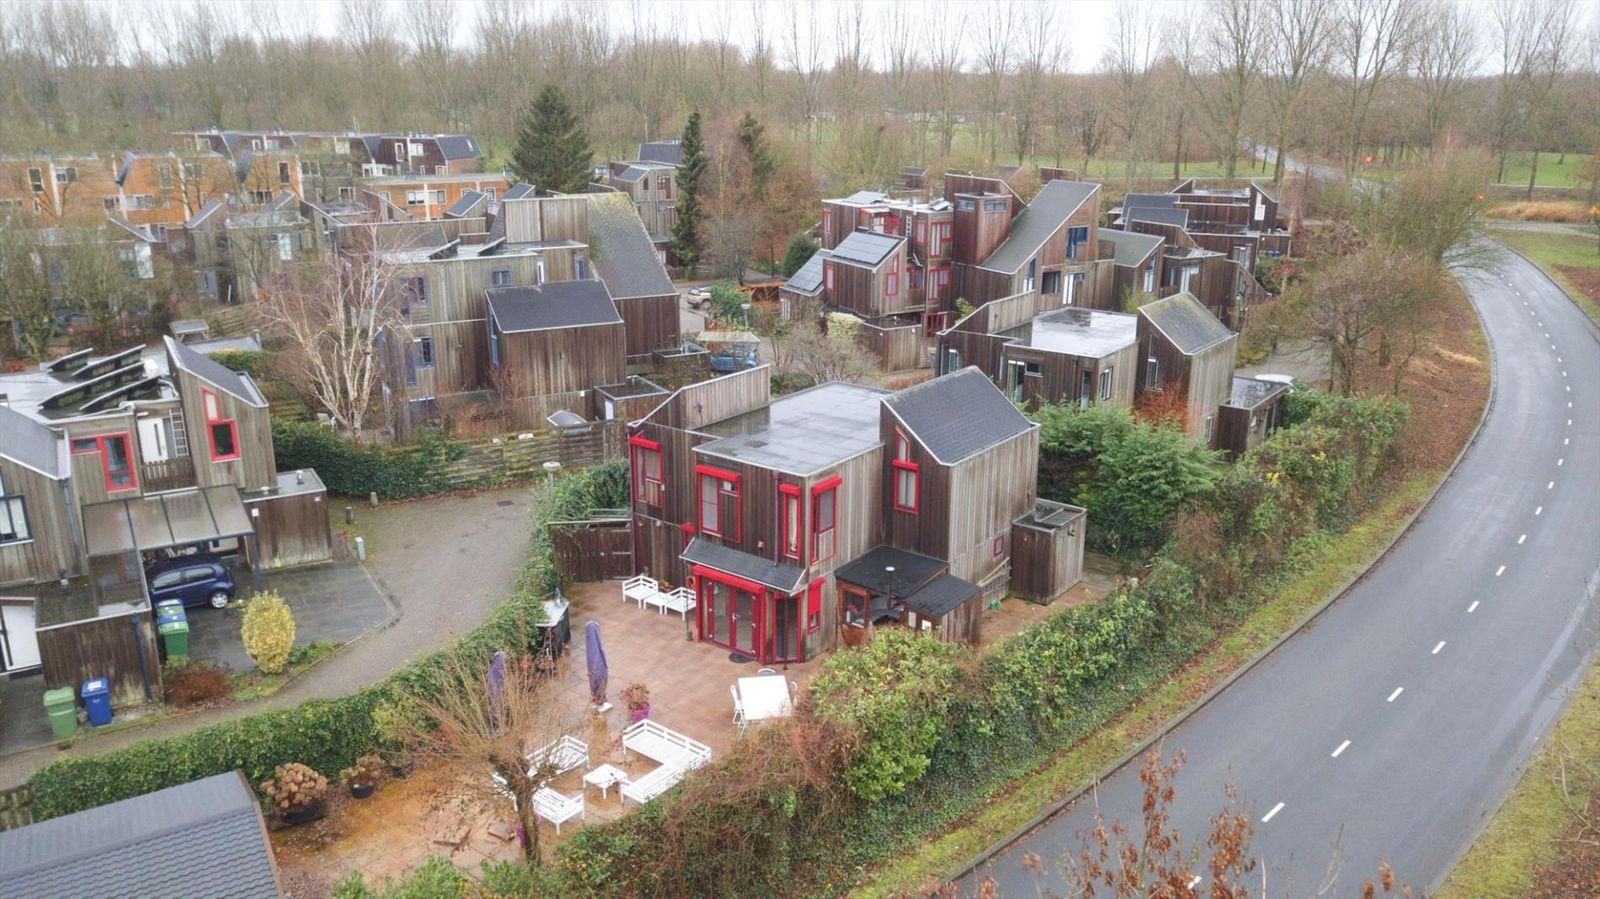 Oevergriend 106, Almere